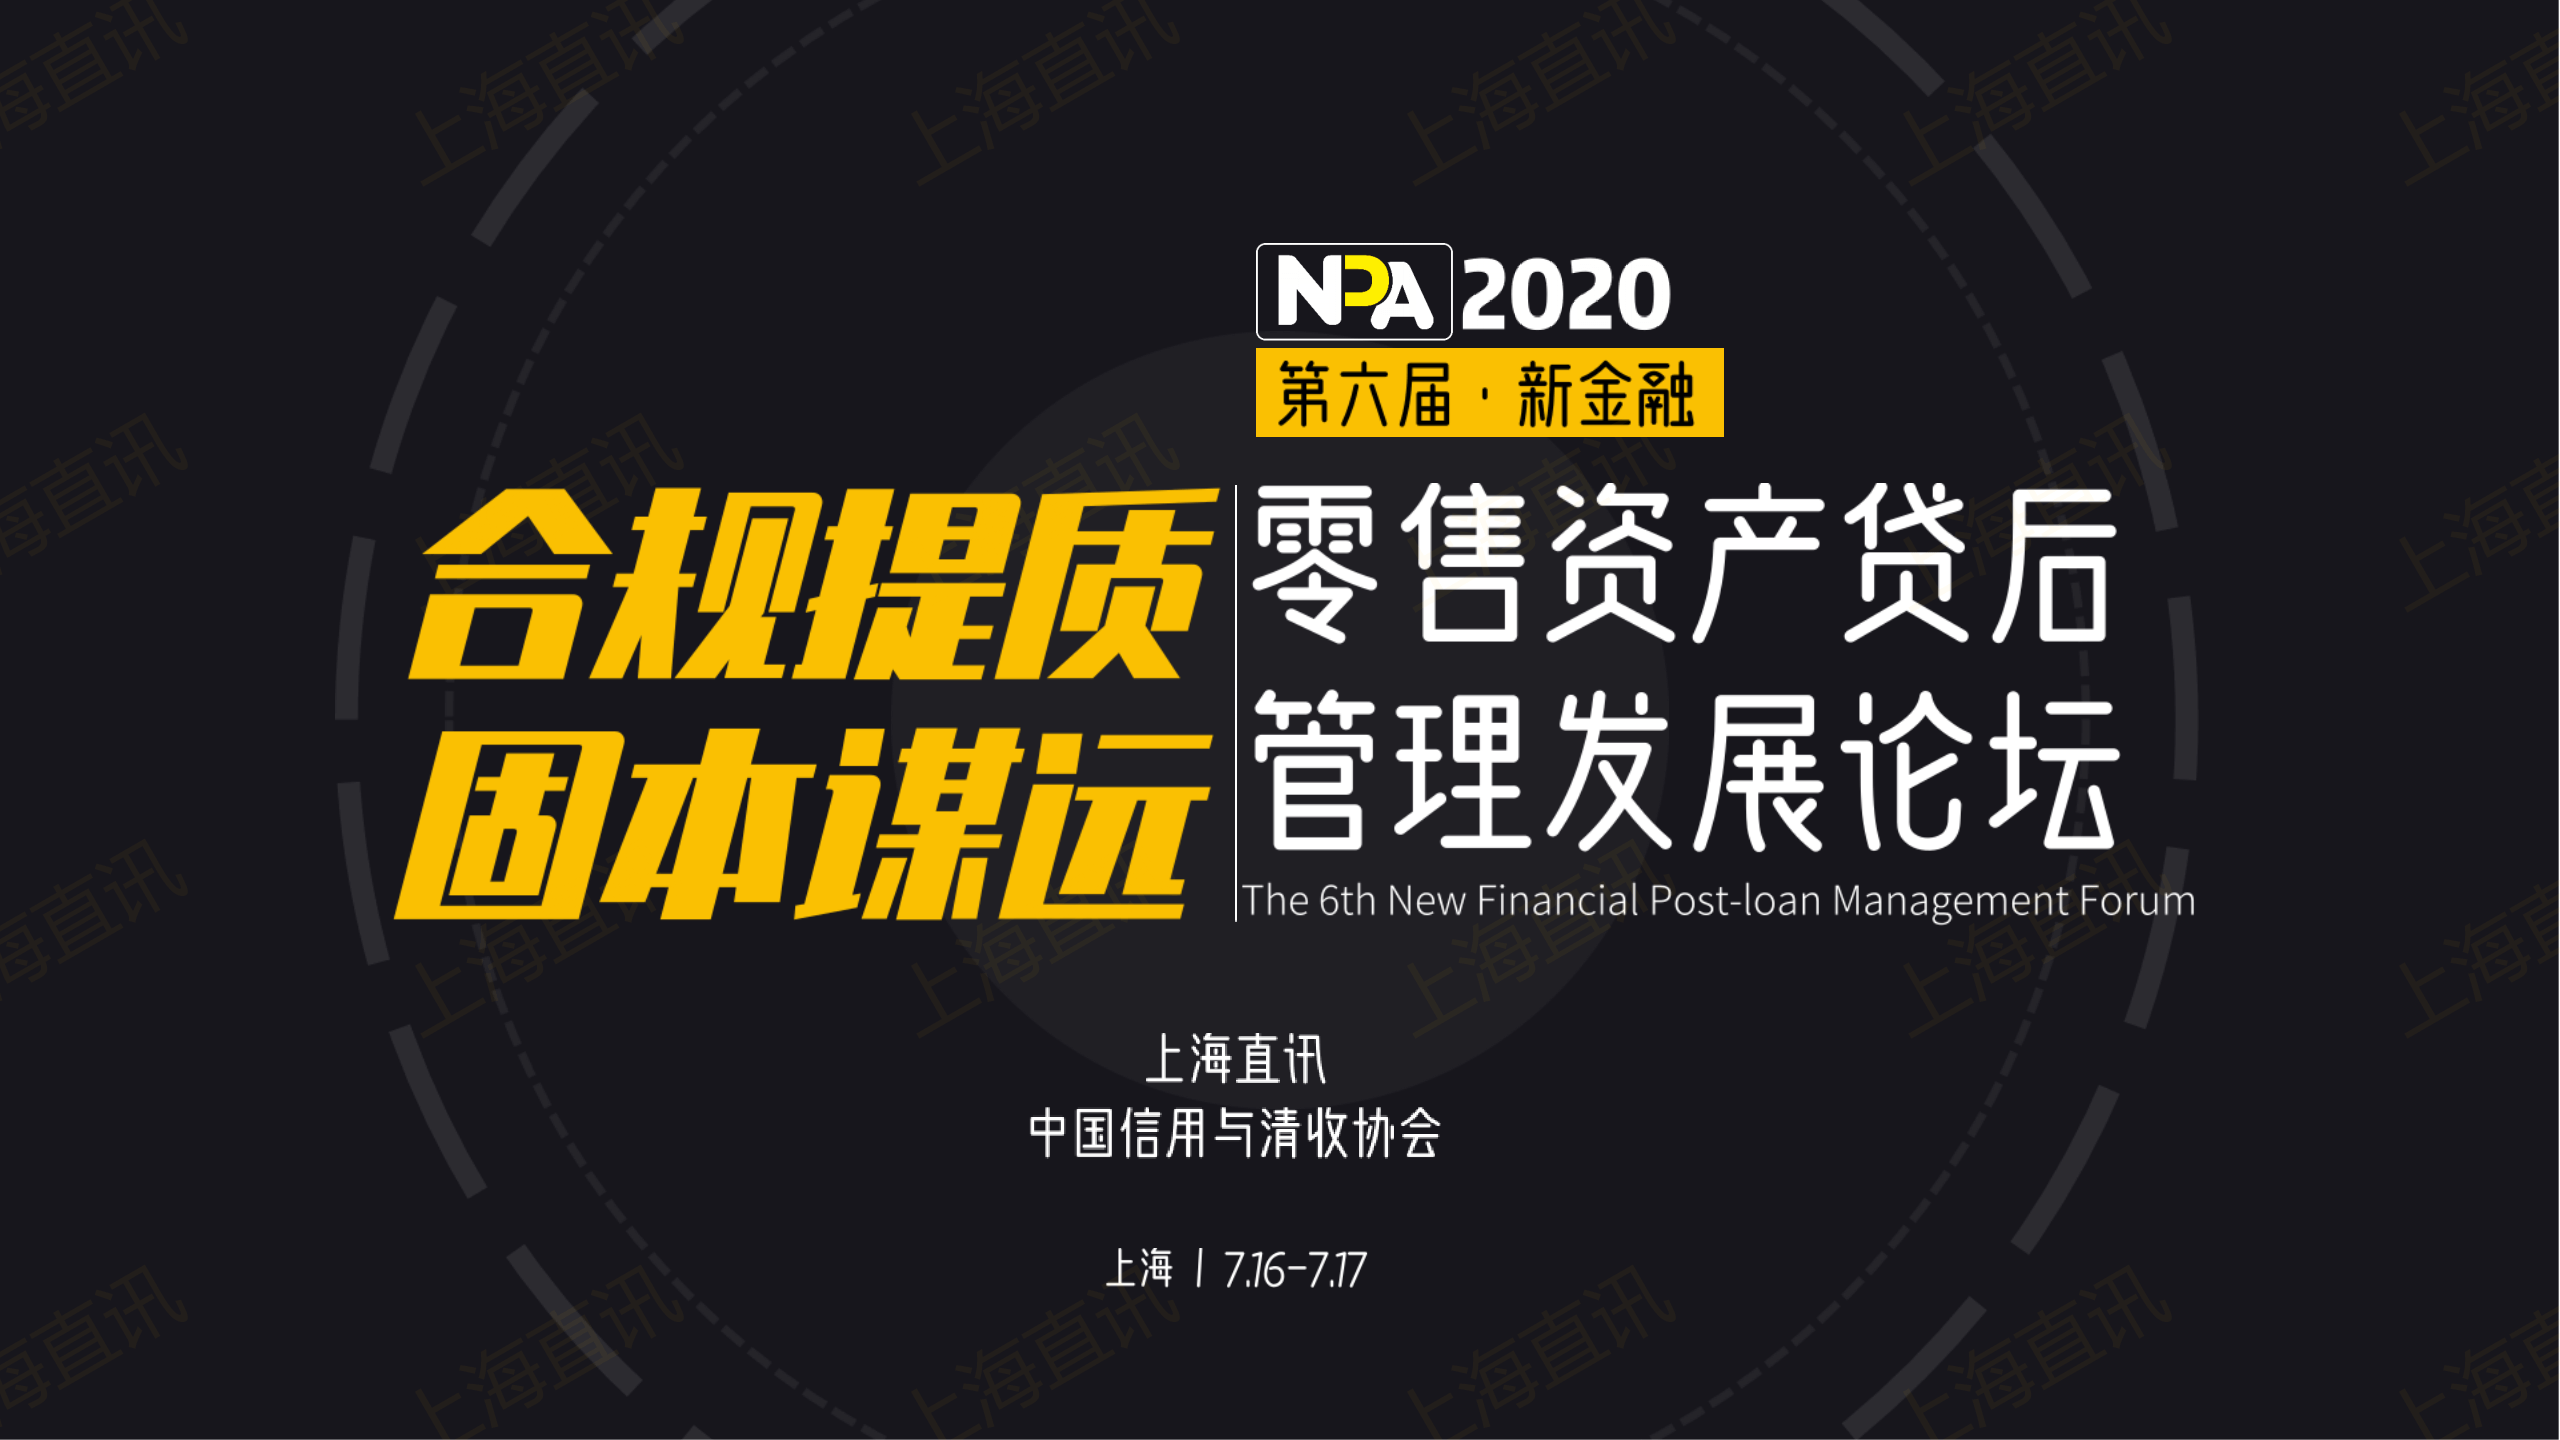 NPA 2020 零售资产贷后管理发展论坛